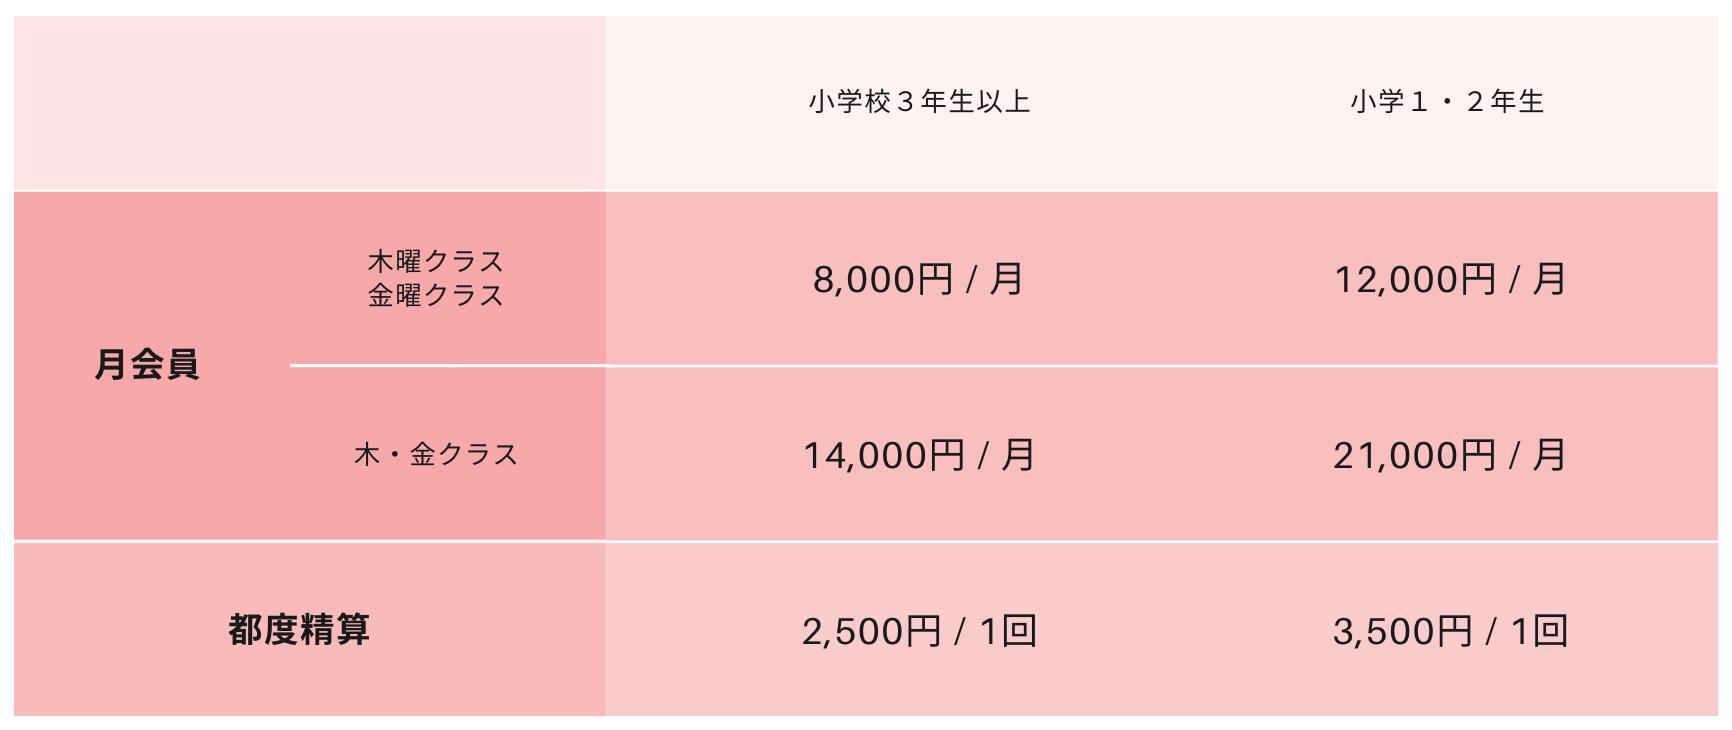 スクリーンショット 2020-03-12 9.28.40